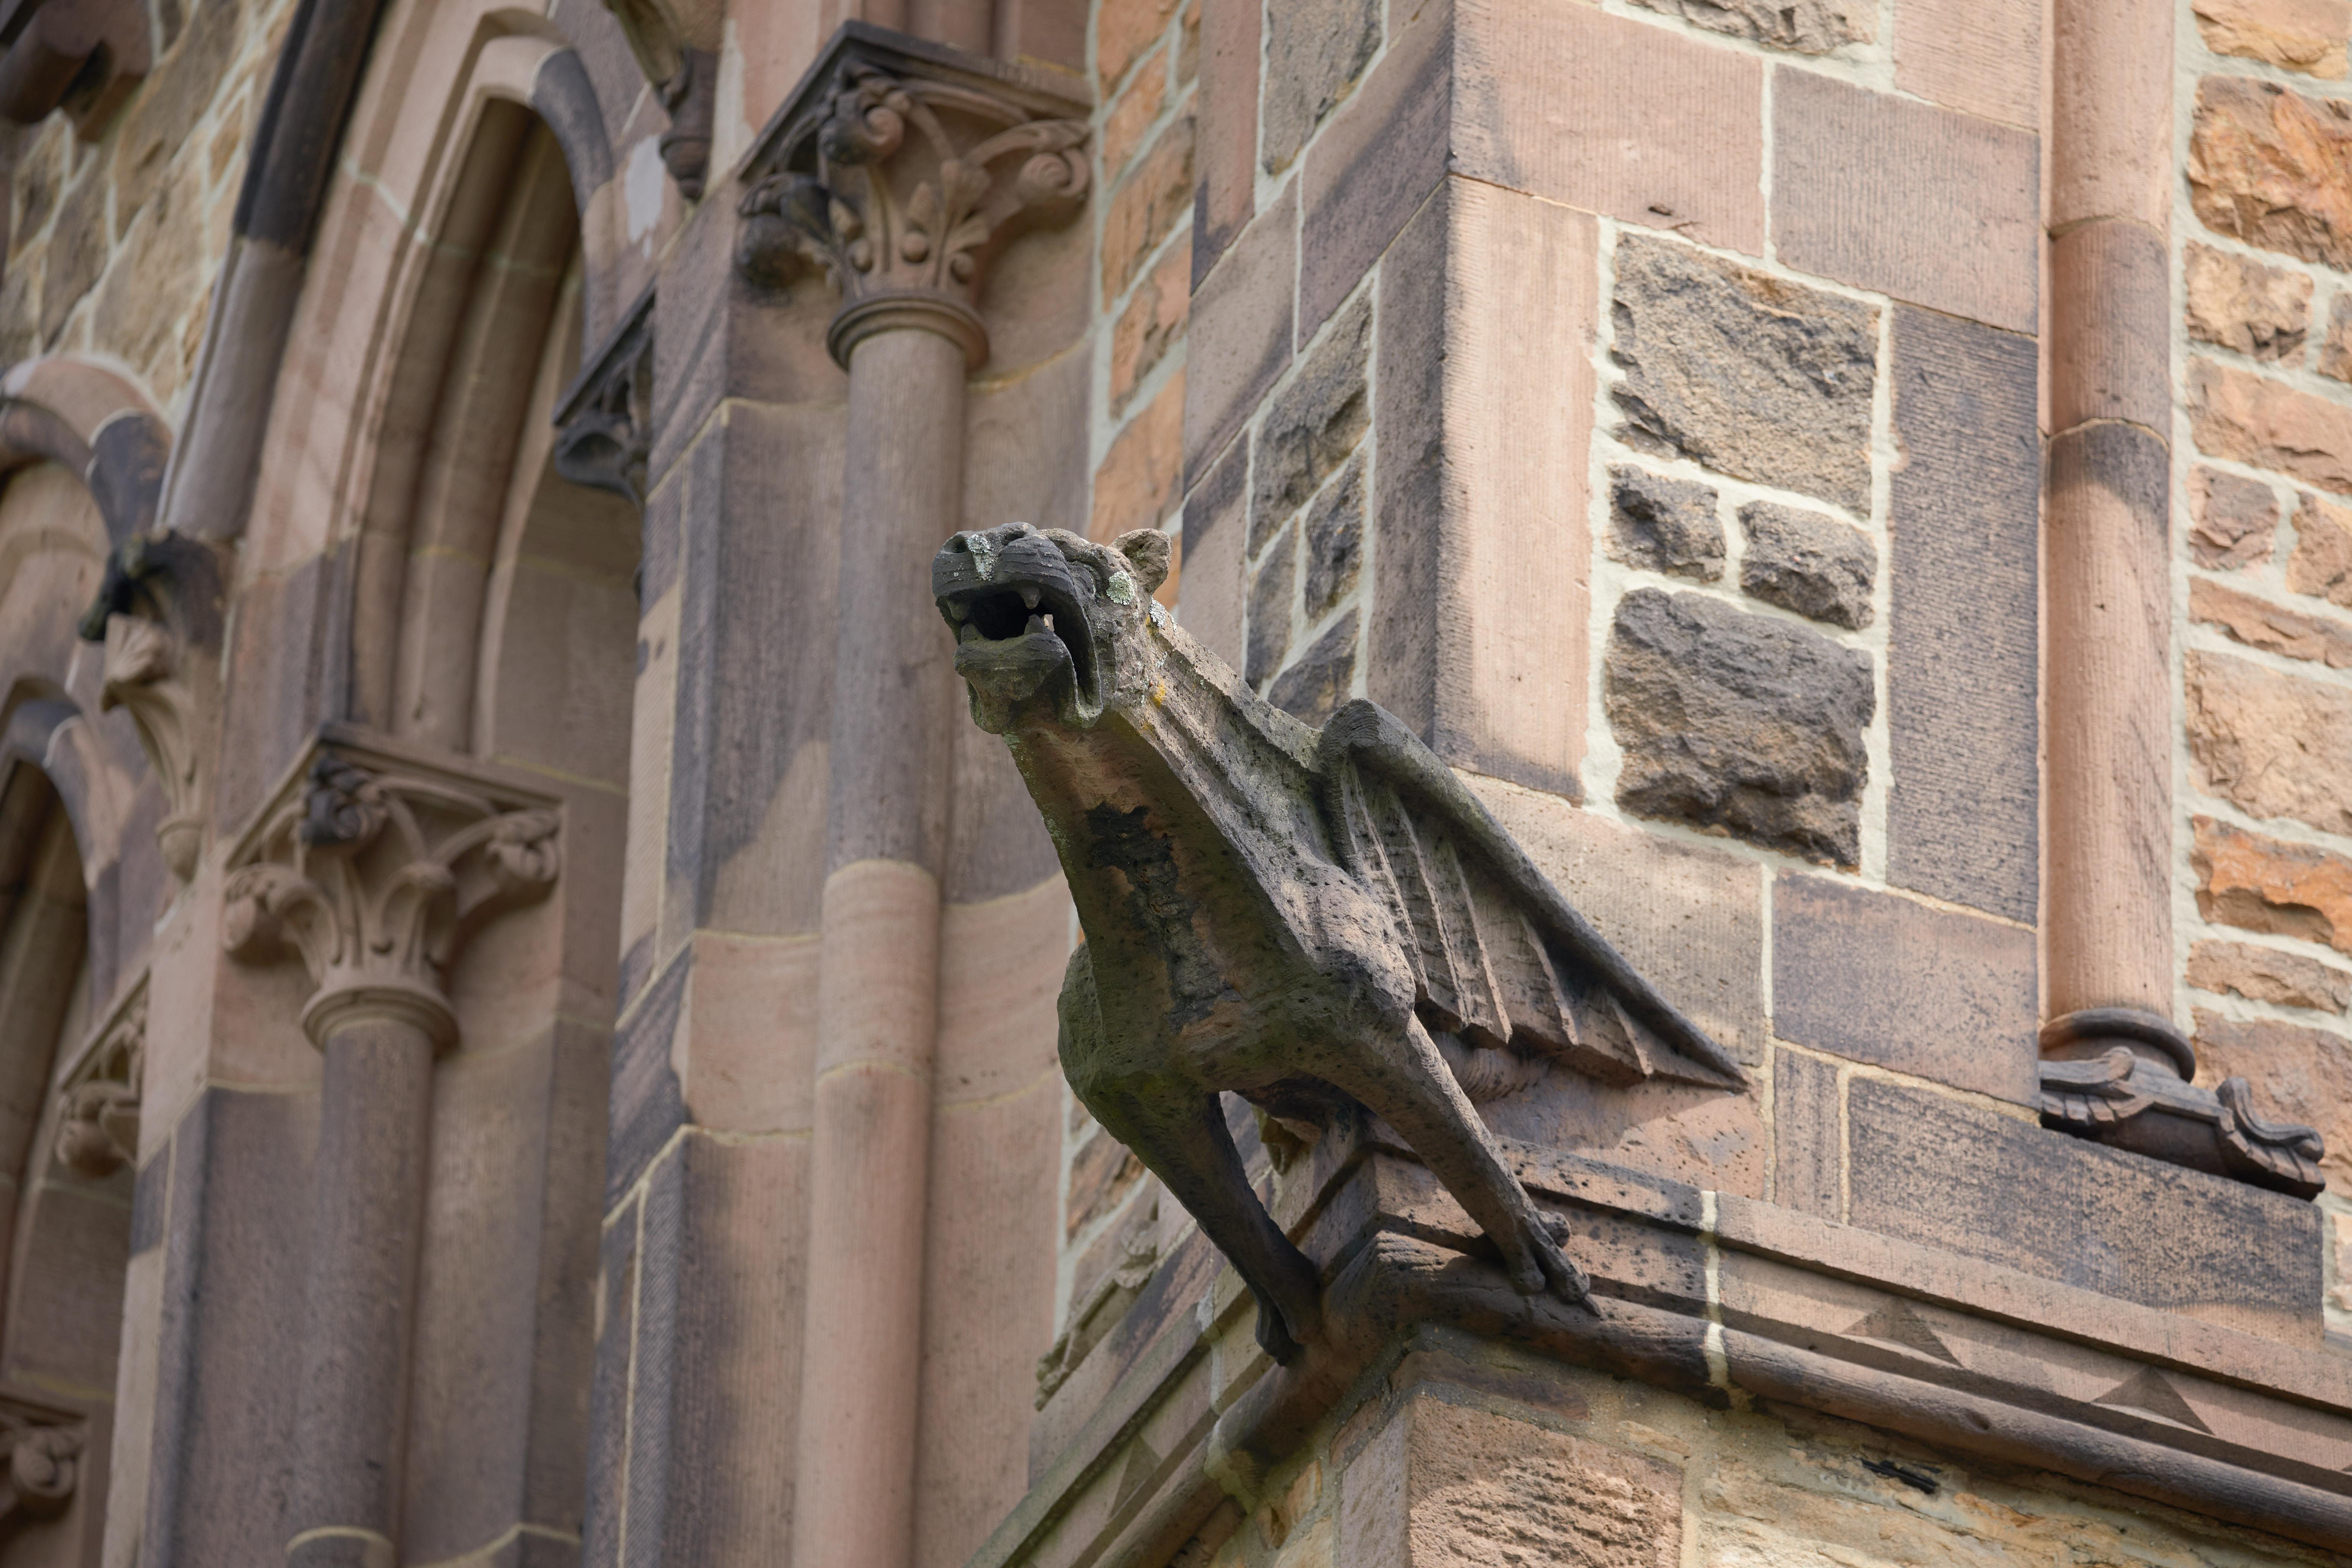 Gargoyle on side of church.